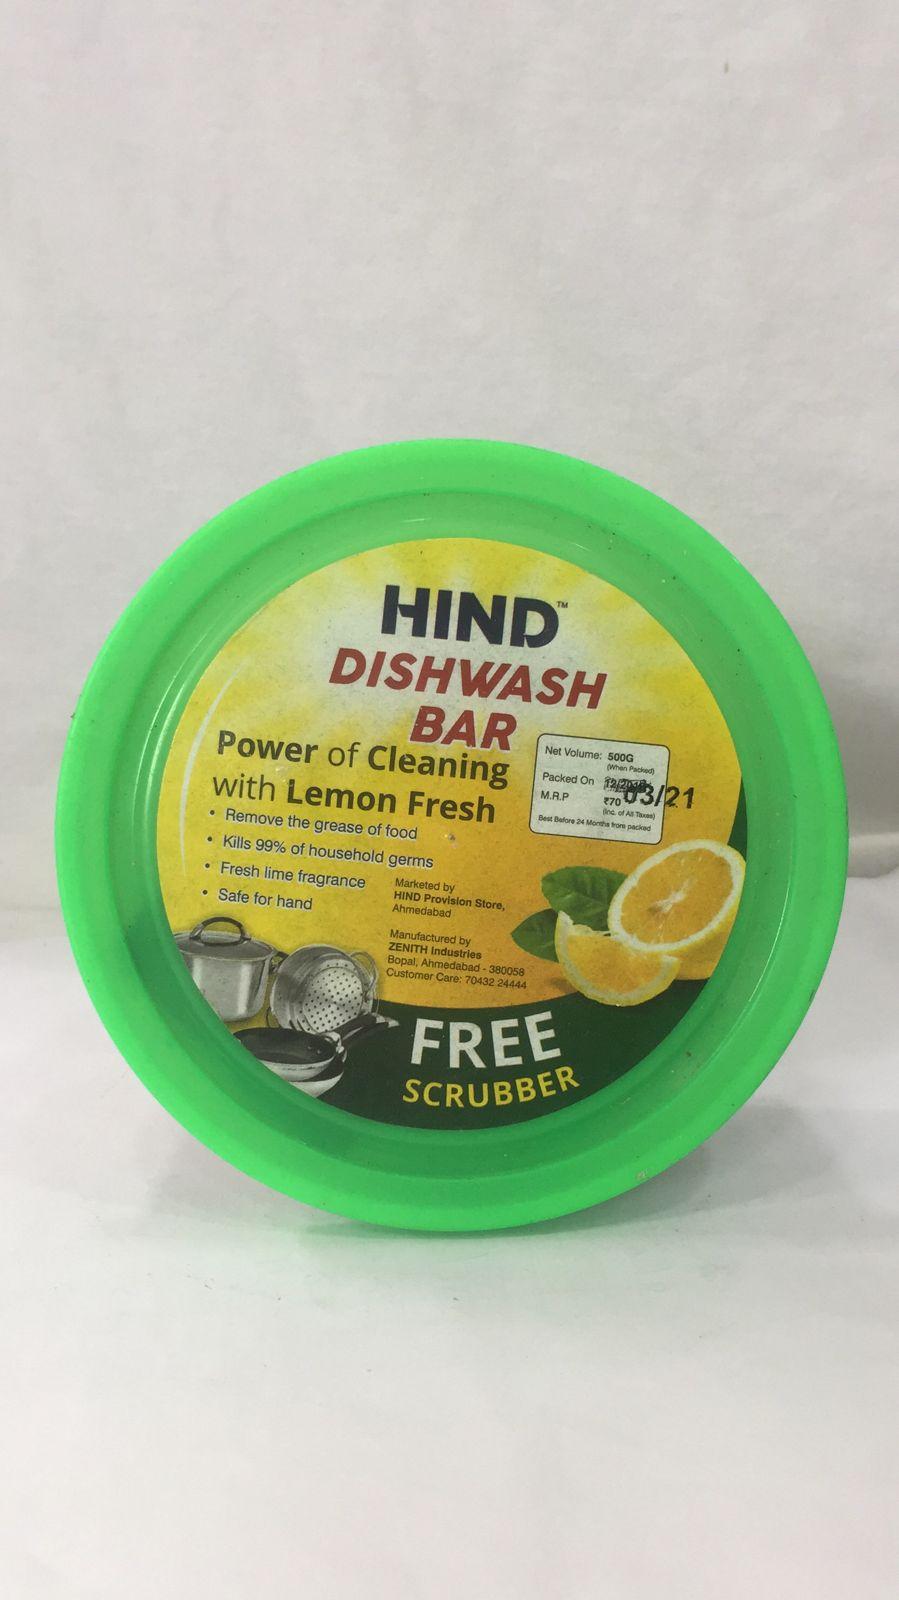 HIND DISH WASH BAR 500 GM